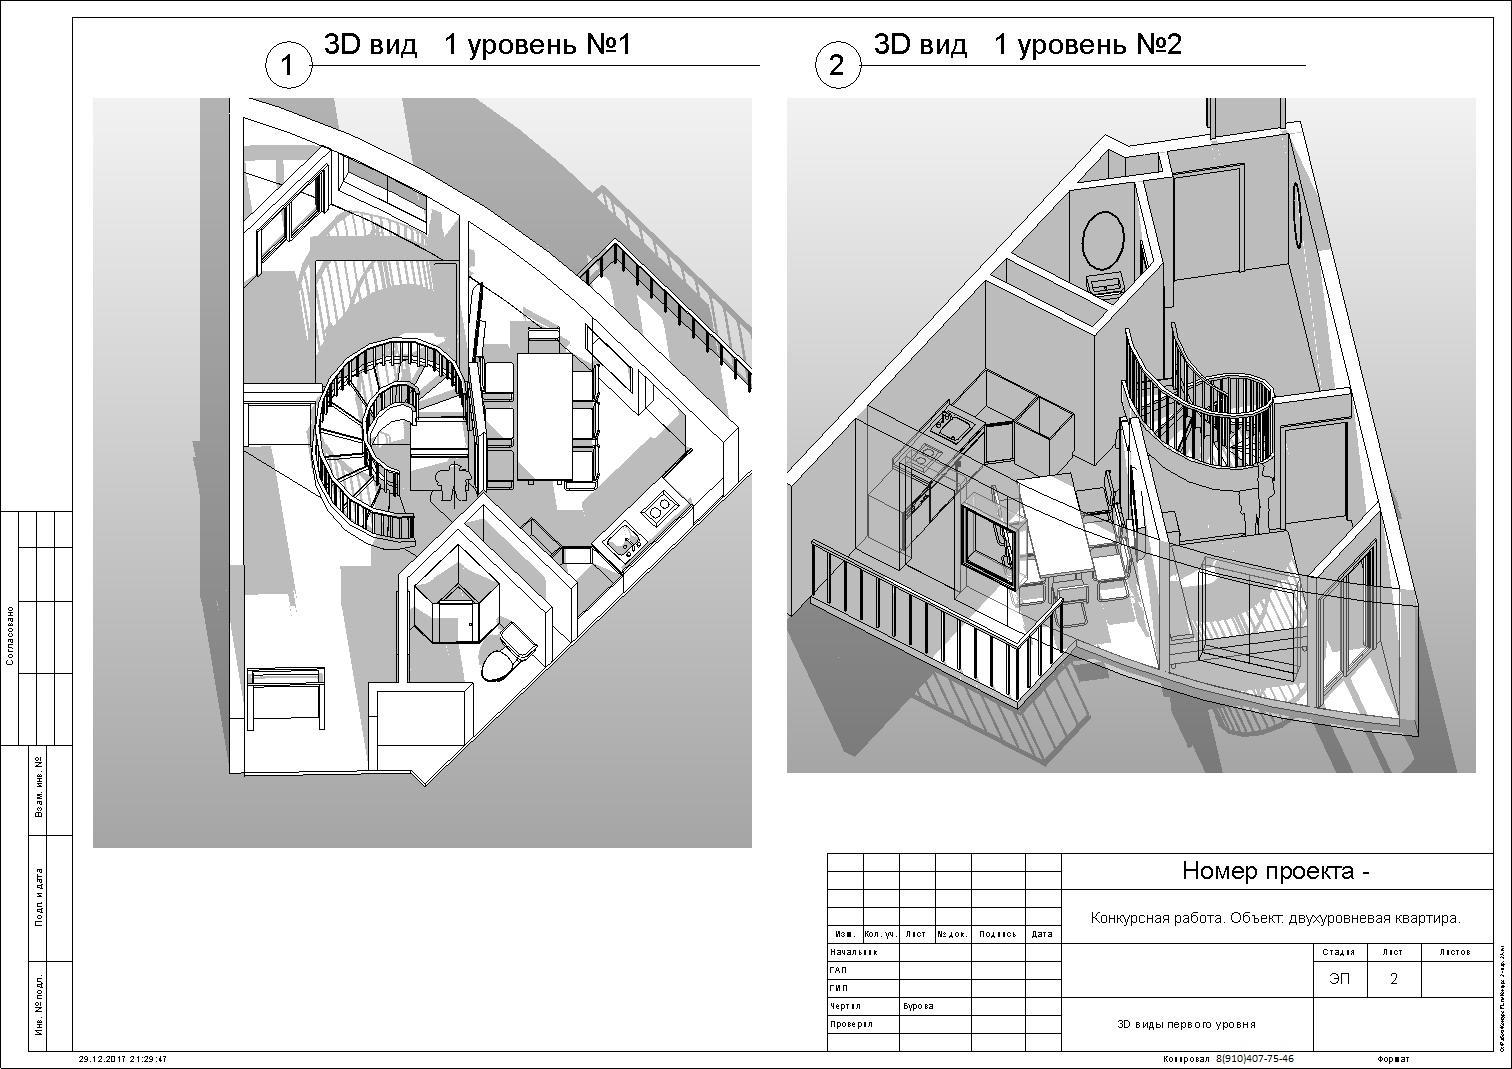 Планировочное решение для 2-уровневой кв.37,5м фото f_8605a468ae438857.jpg